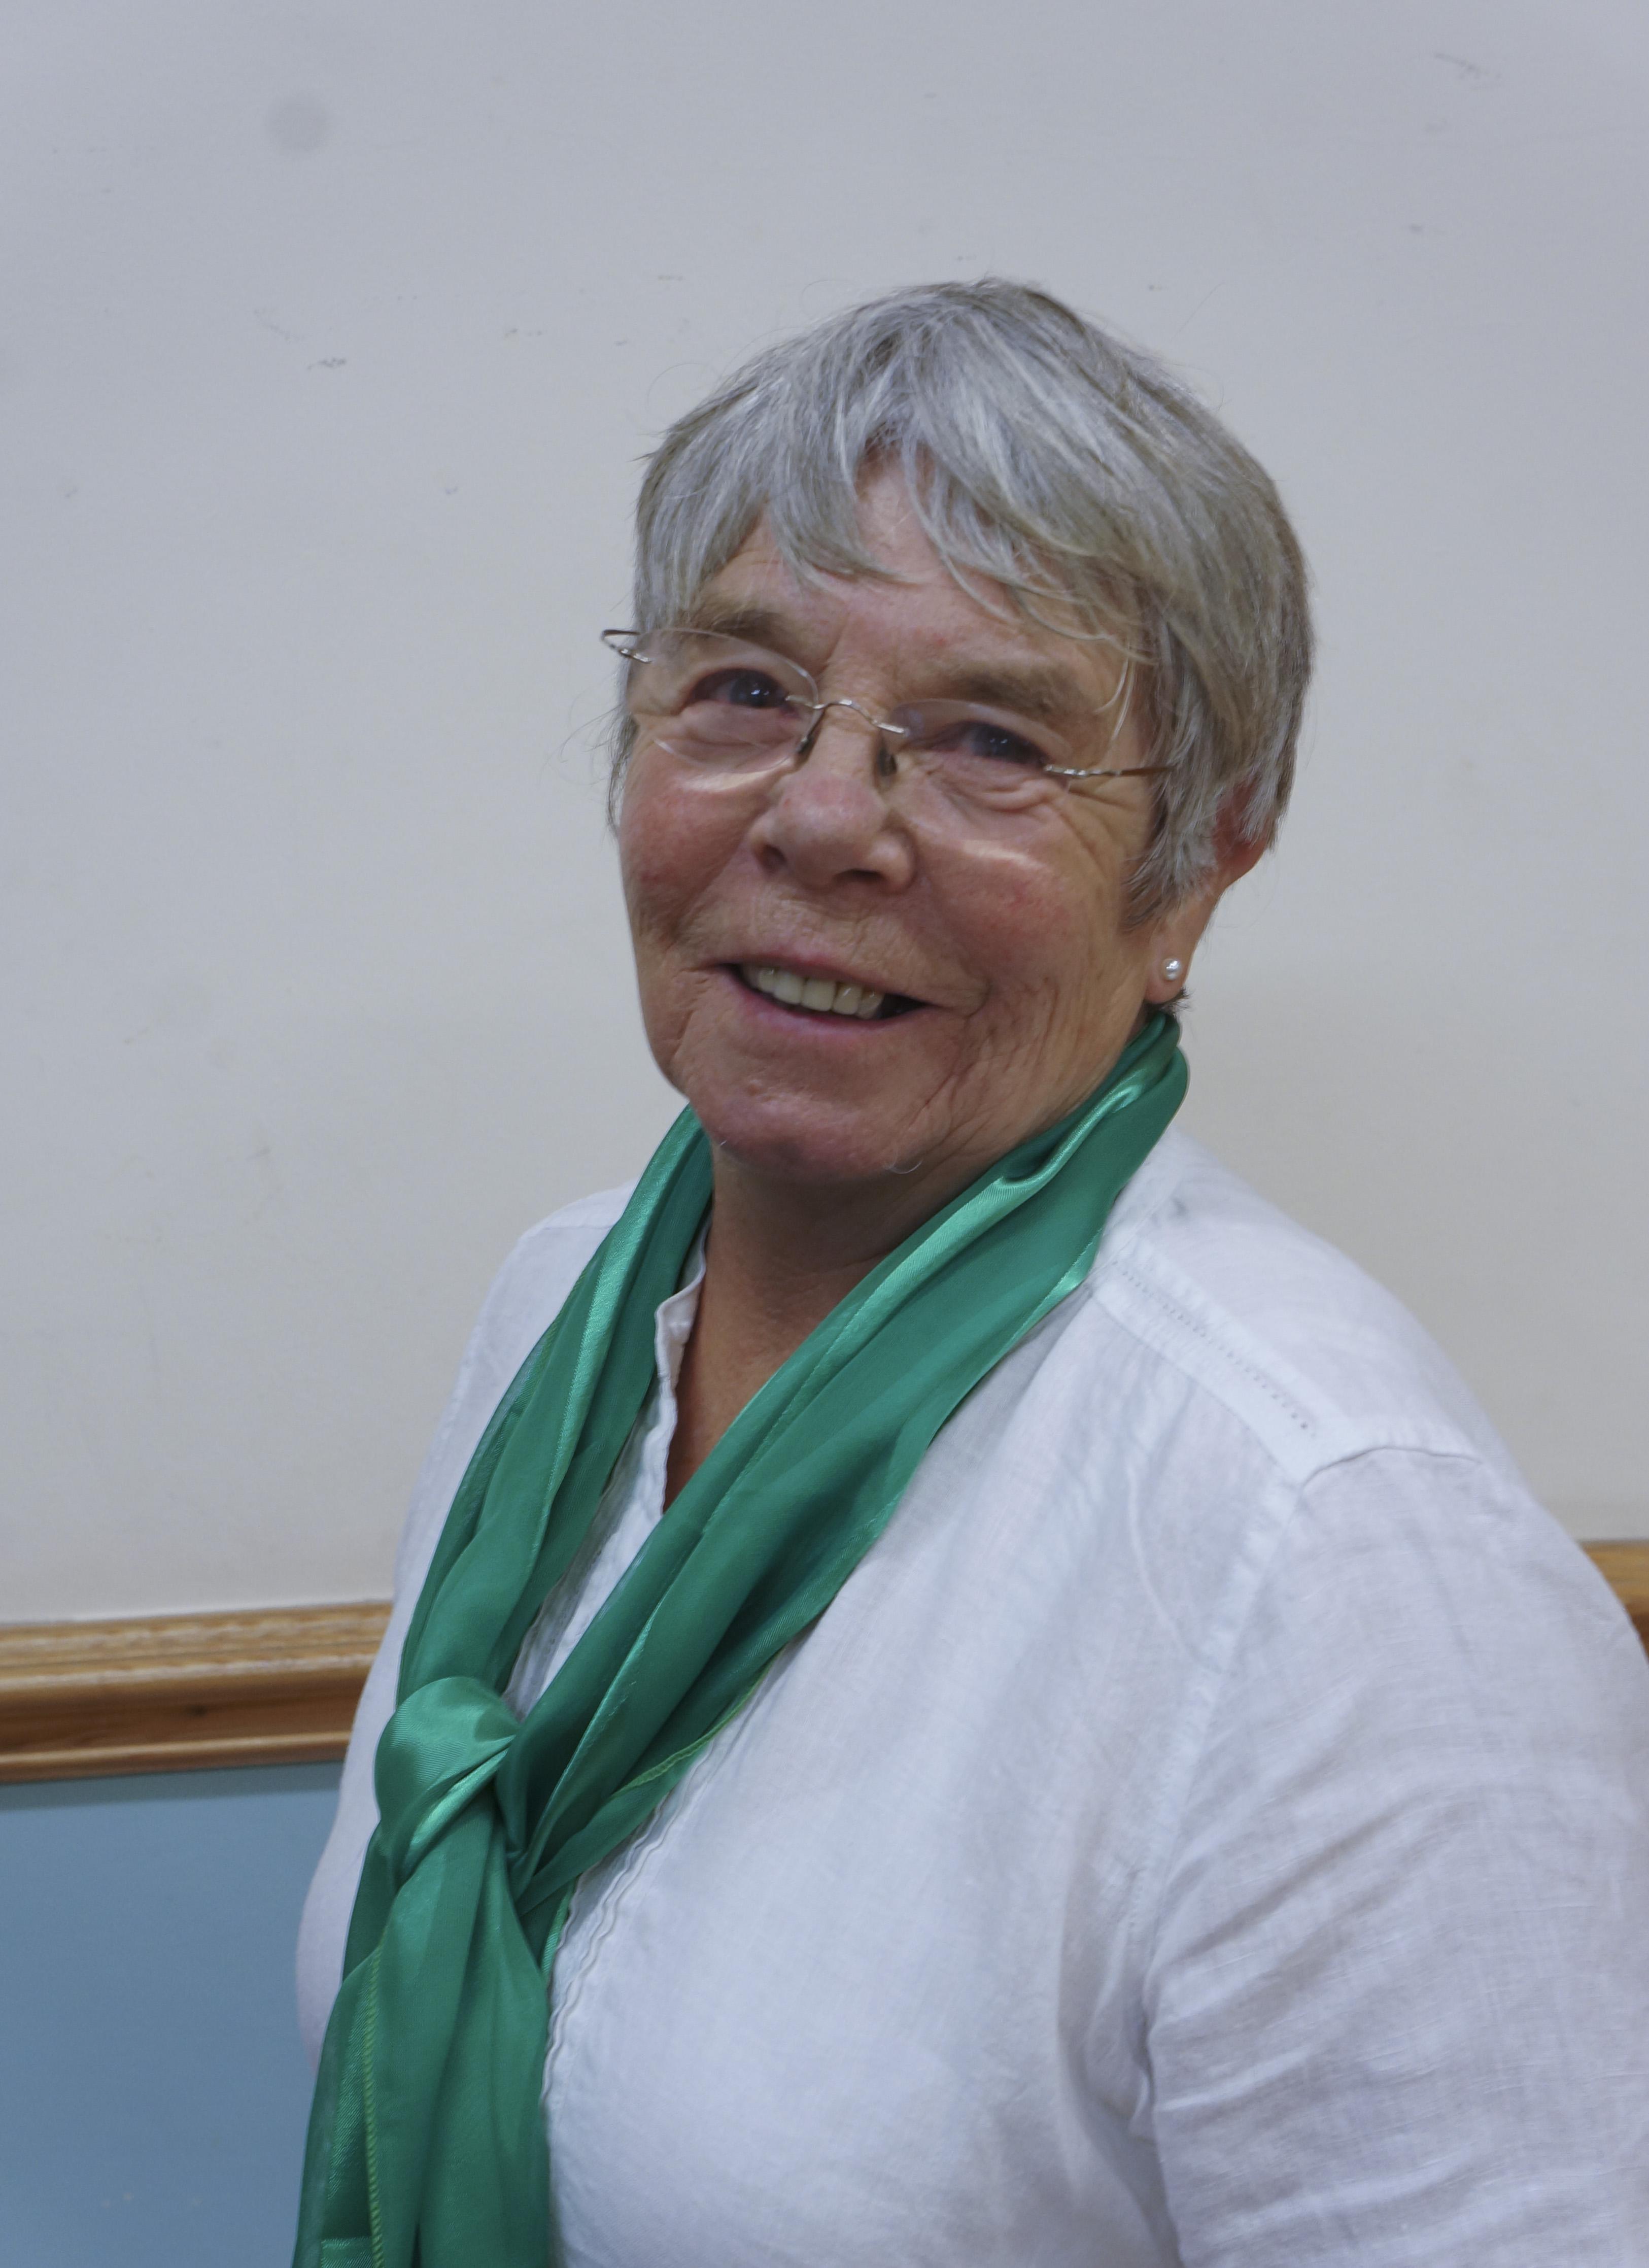 LIlian Nicholson Vice Chair